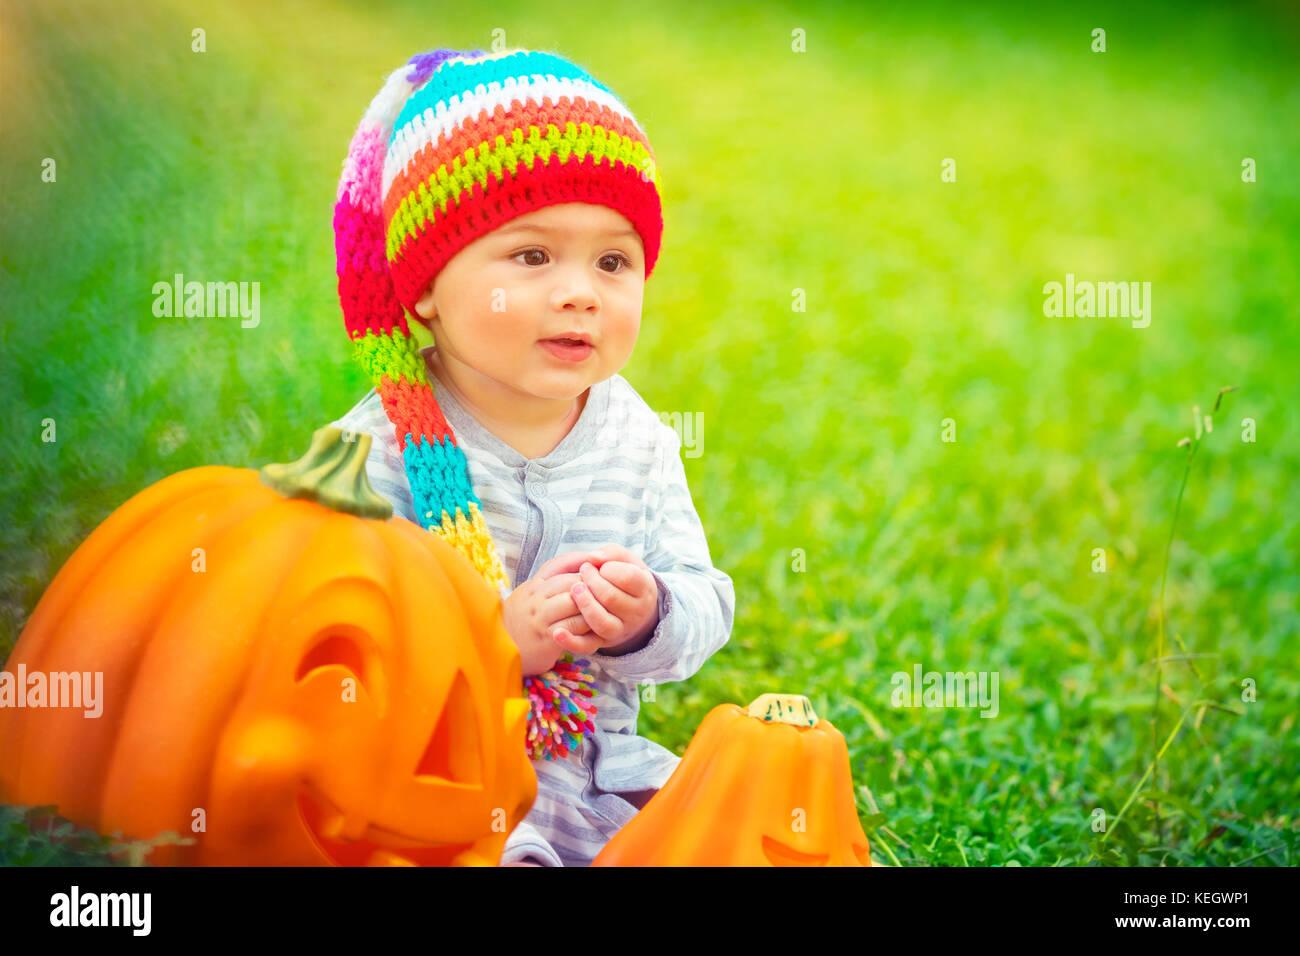 Portrait d'une jolie enfant célébrer Halloween maison de vacances, maison de vacances traditionnelle Photo Stock